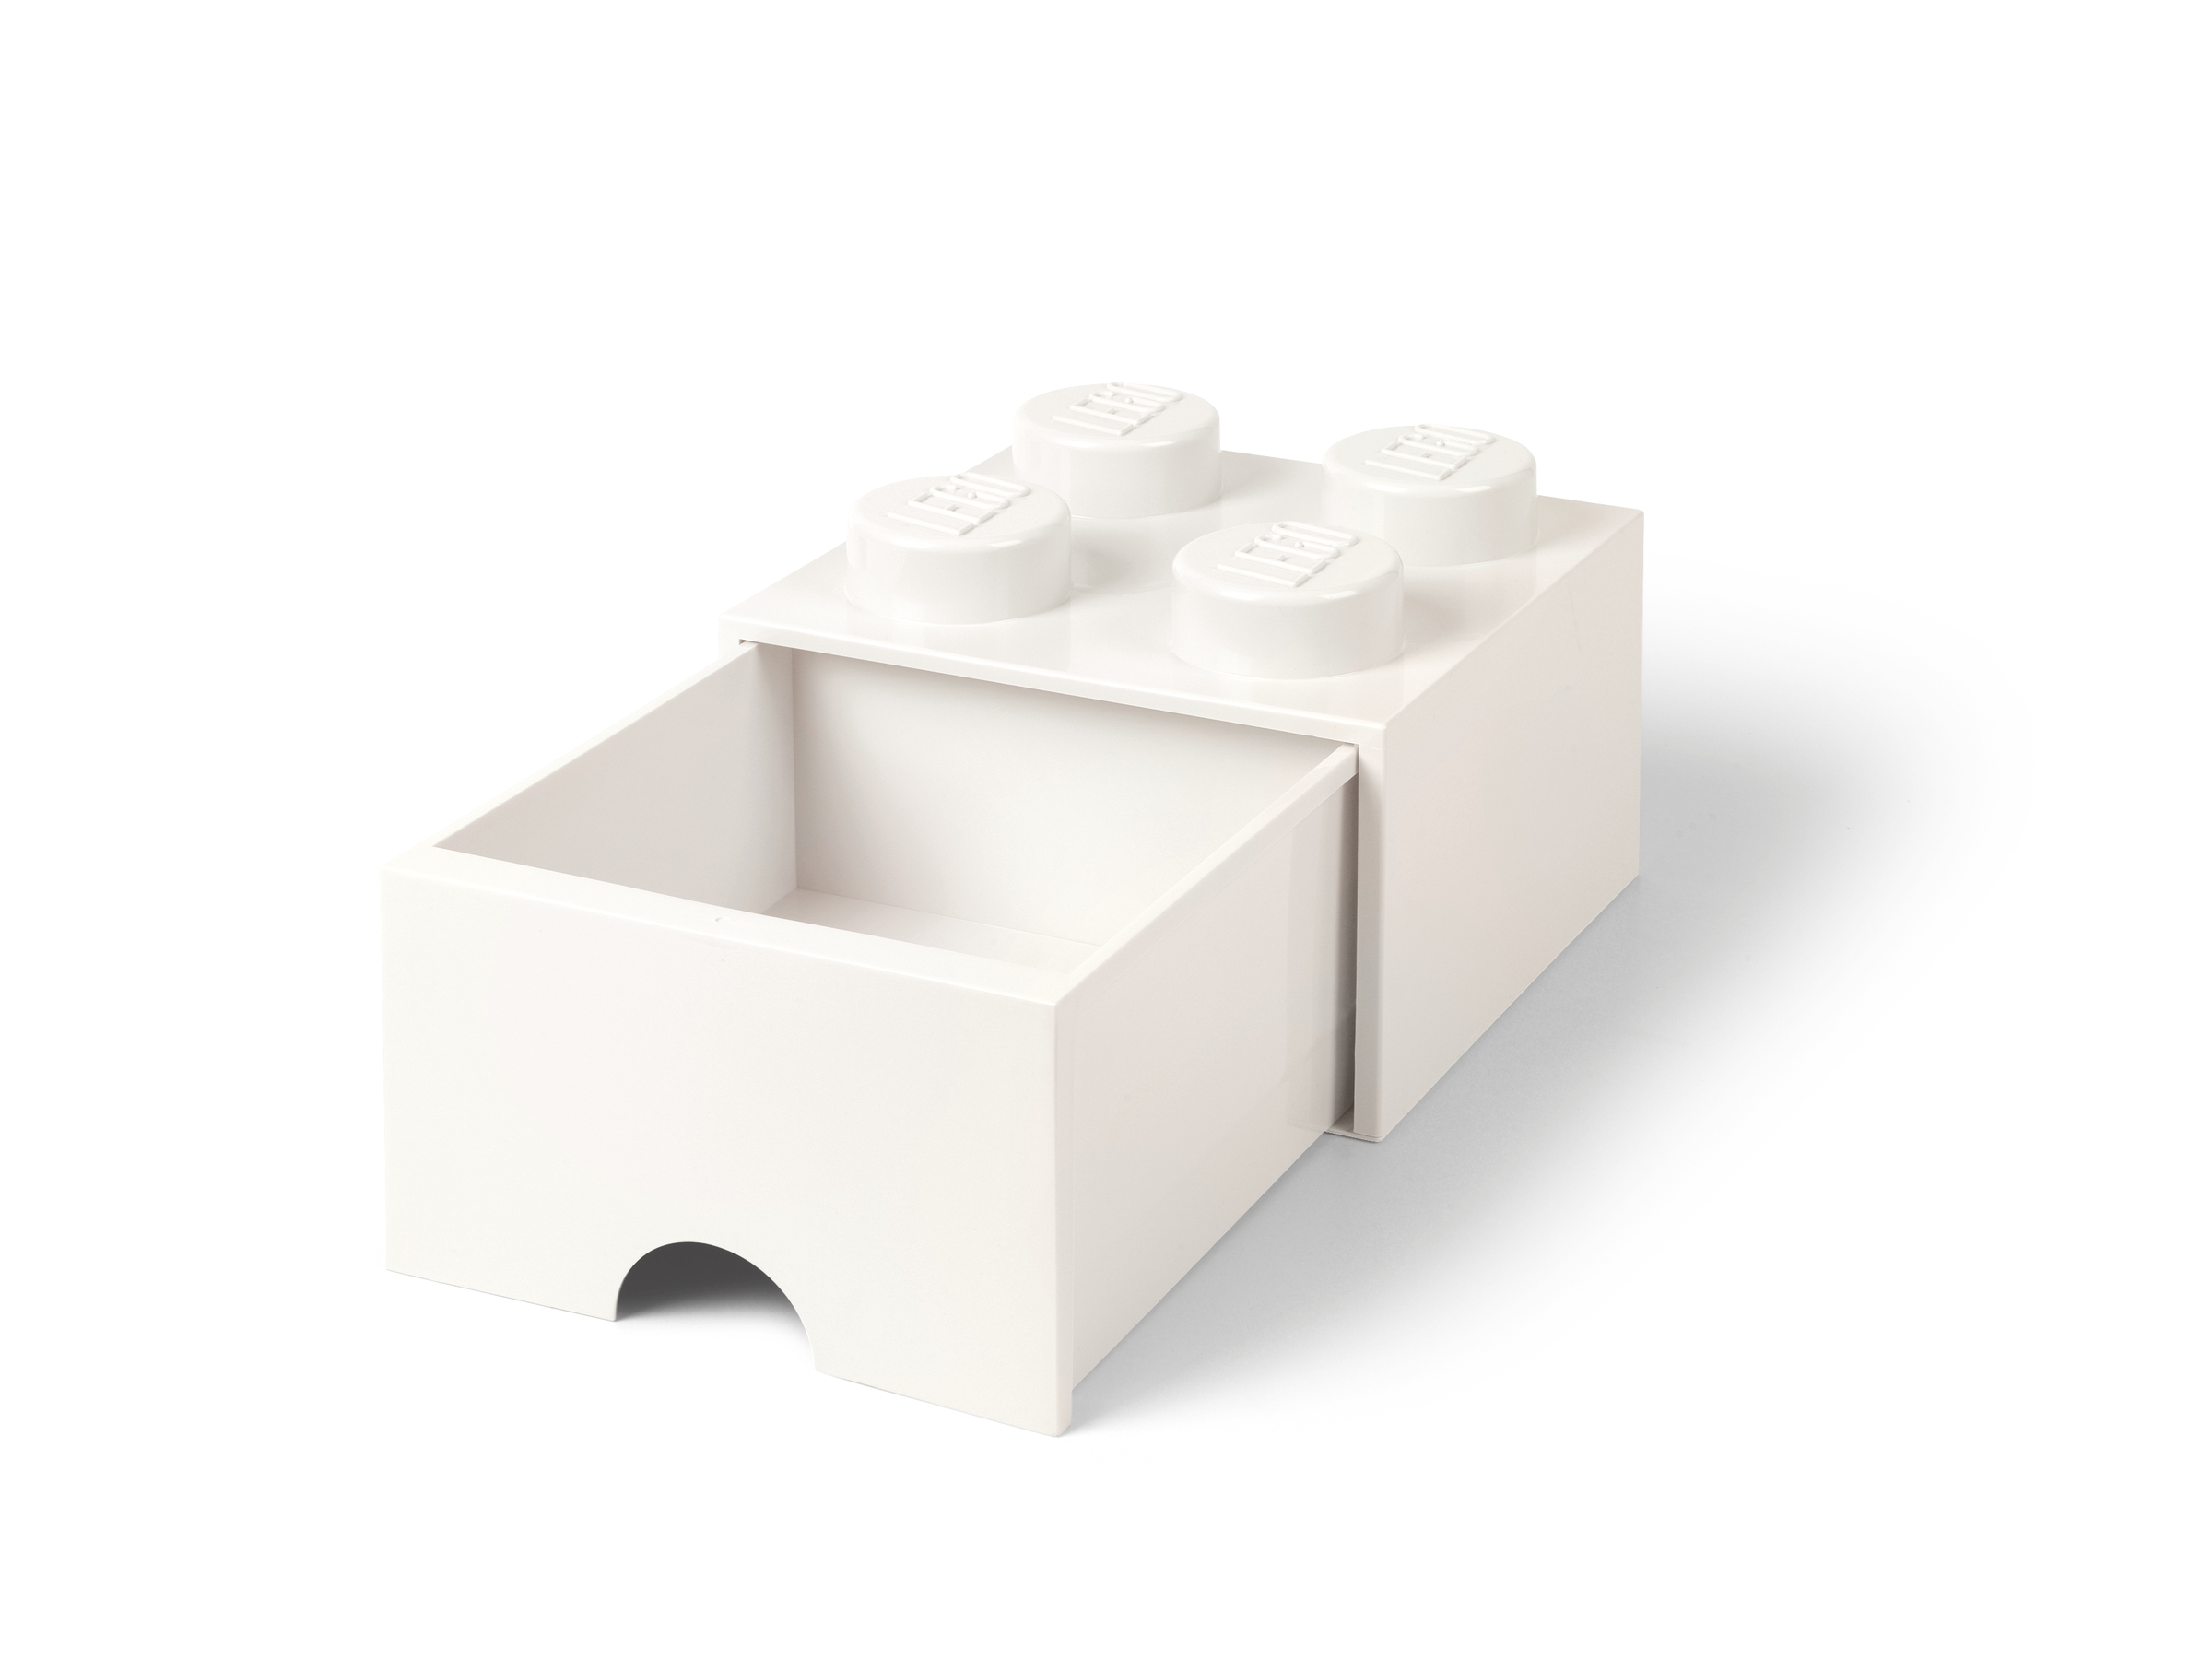 lego 5006208 4 nastainen valkoinen sailytyspalikkalaatikko